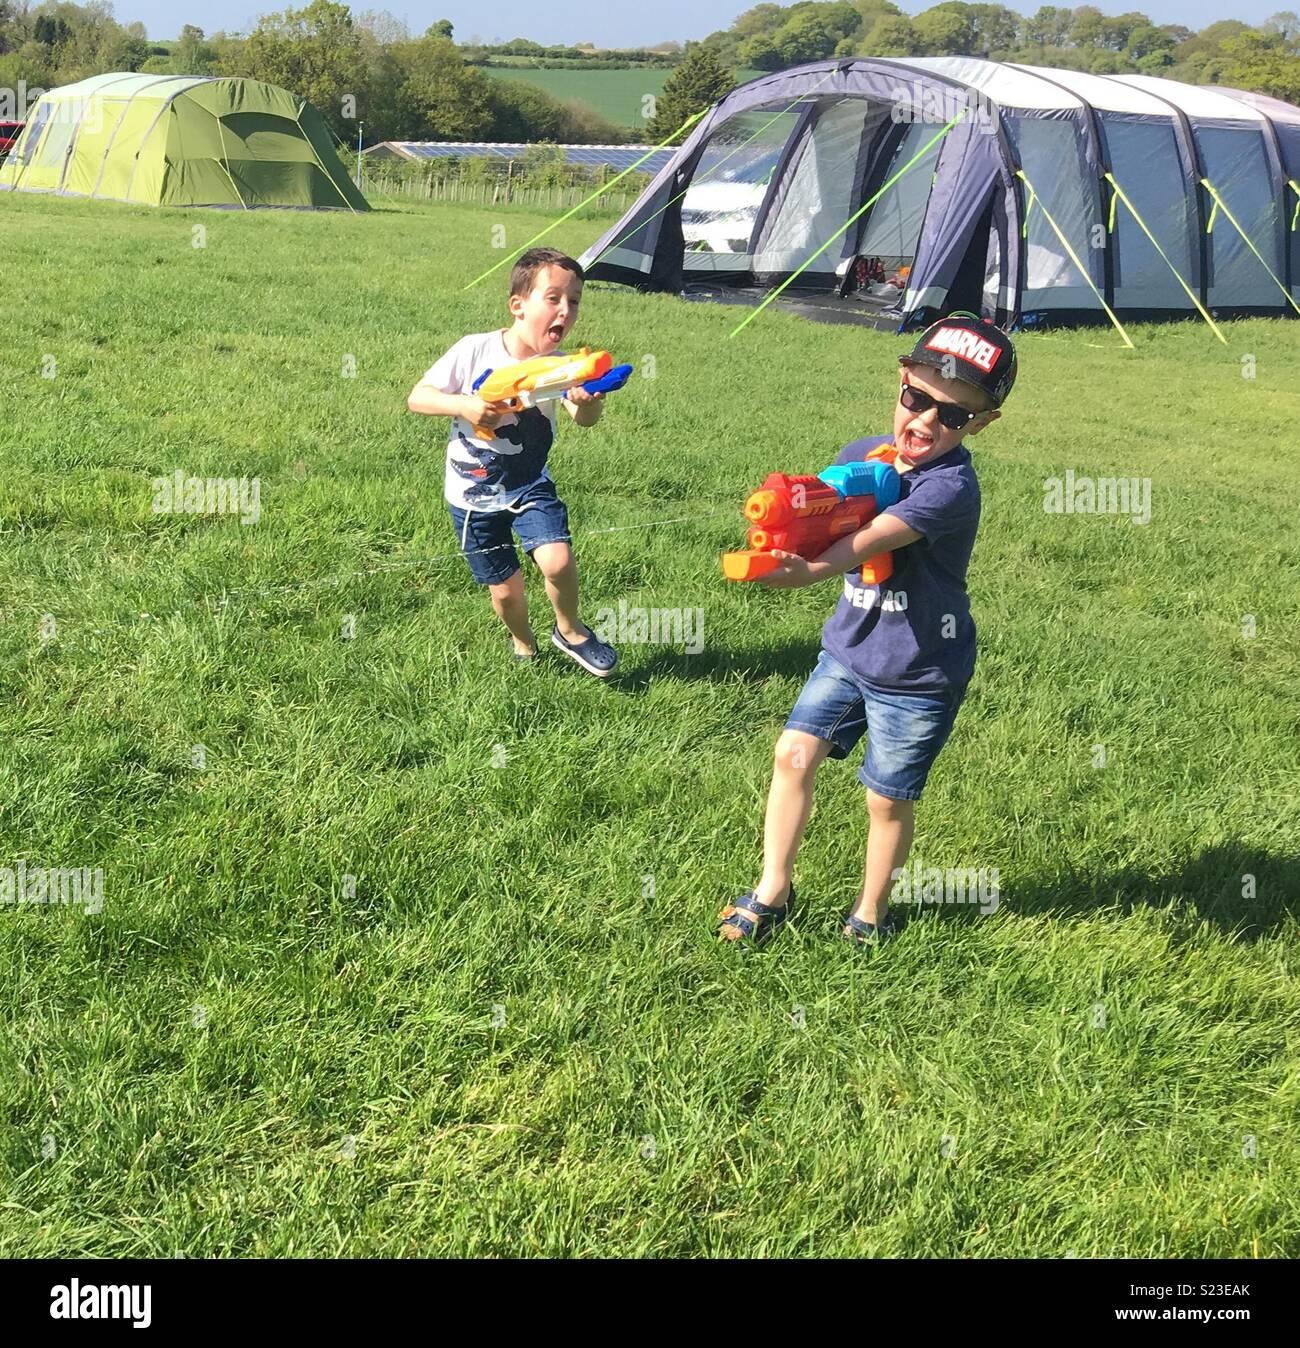 Pistola de agua lucha en un camping en Gran Bretaña durante el mayo festivo en 2018 Imagen De Stock